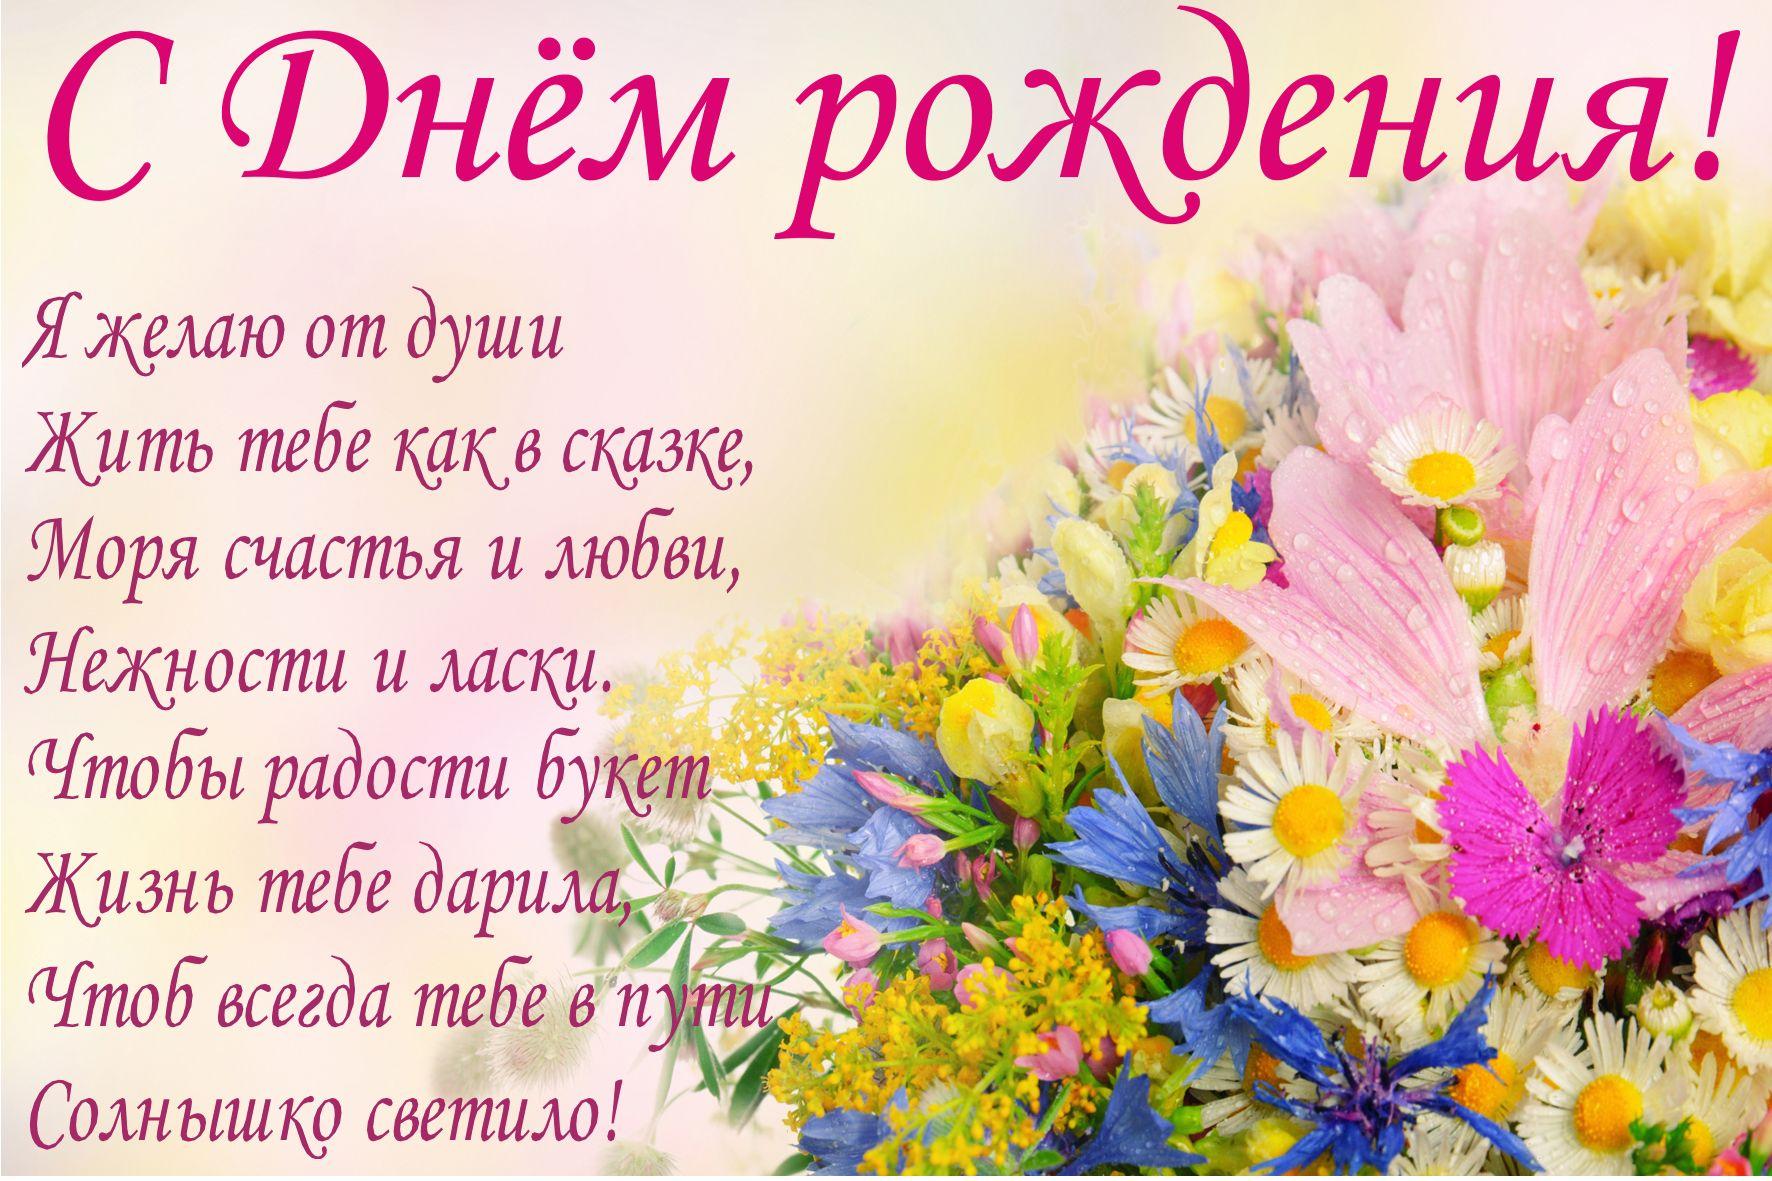 Смс поздравления с днём рождения женщине в стихах красивые сестре